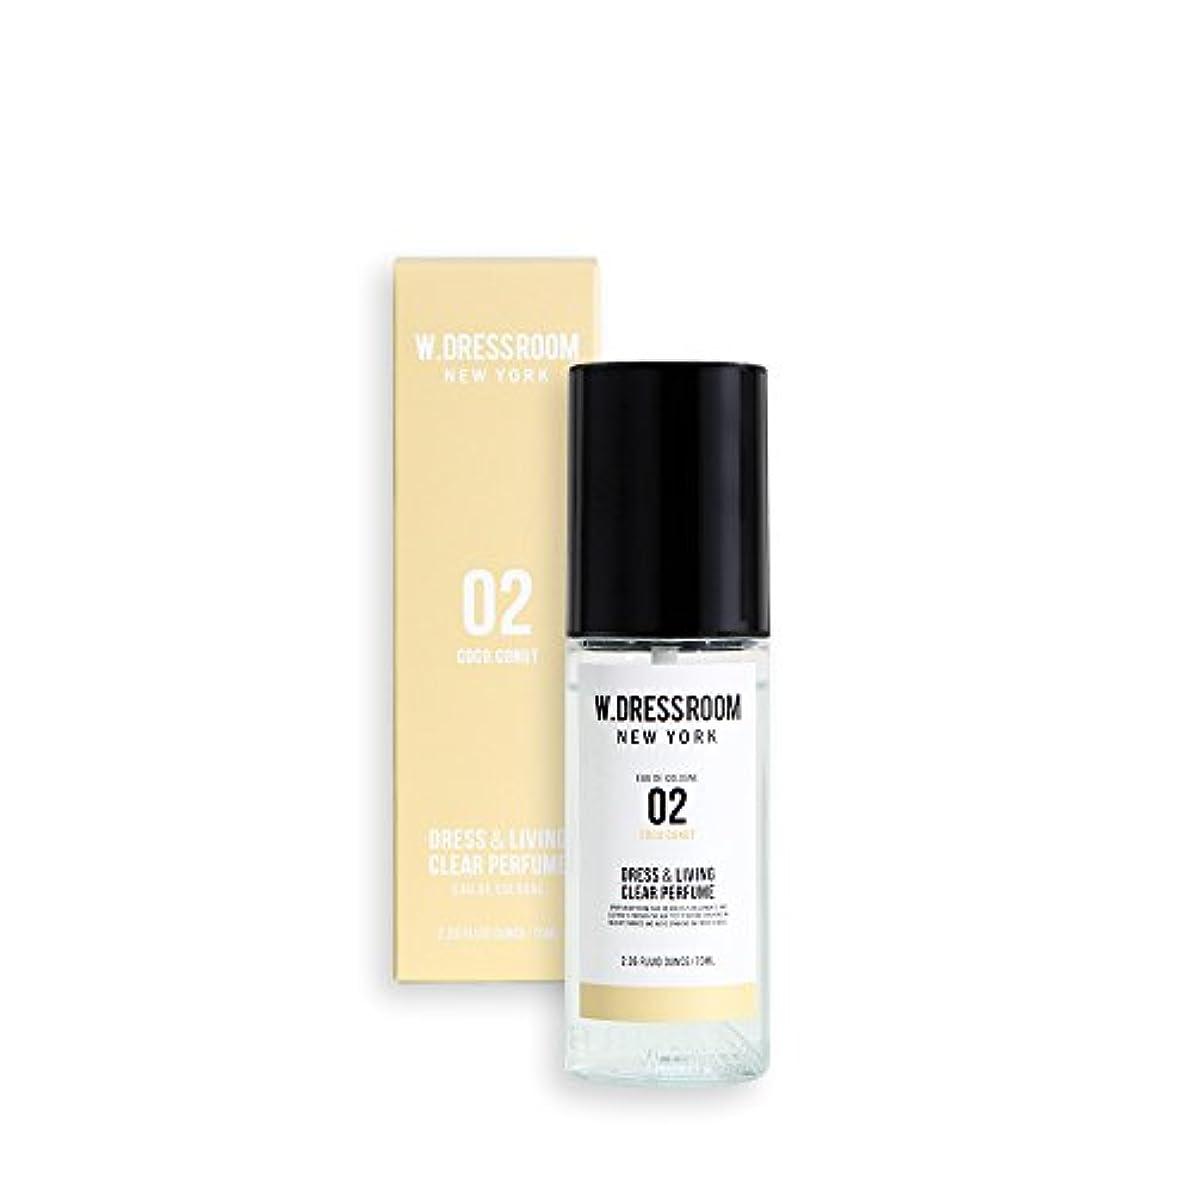 蚊会員意義W.DRESSROOM Dress & Living Clear Perfume 70ml/ダブルドレスルーム ドレス&リビング クリア パフューム 70ml (#No.02 Coco Conut) [並行輸入品]